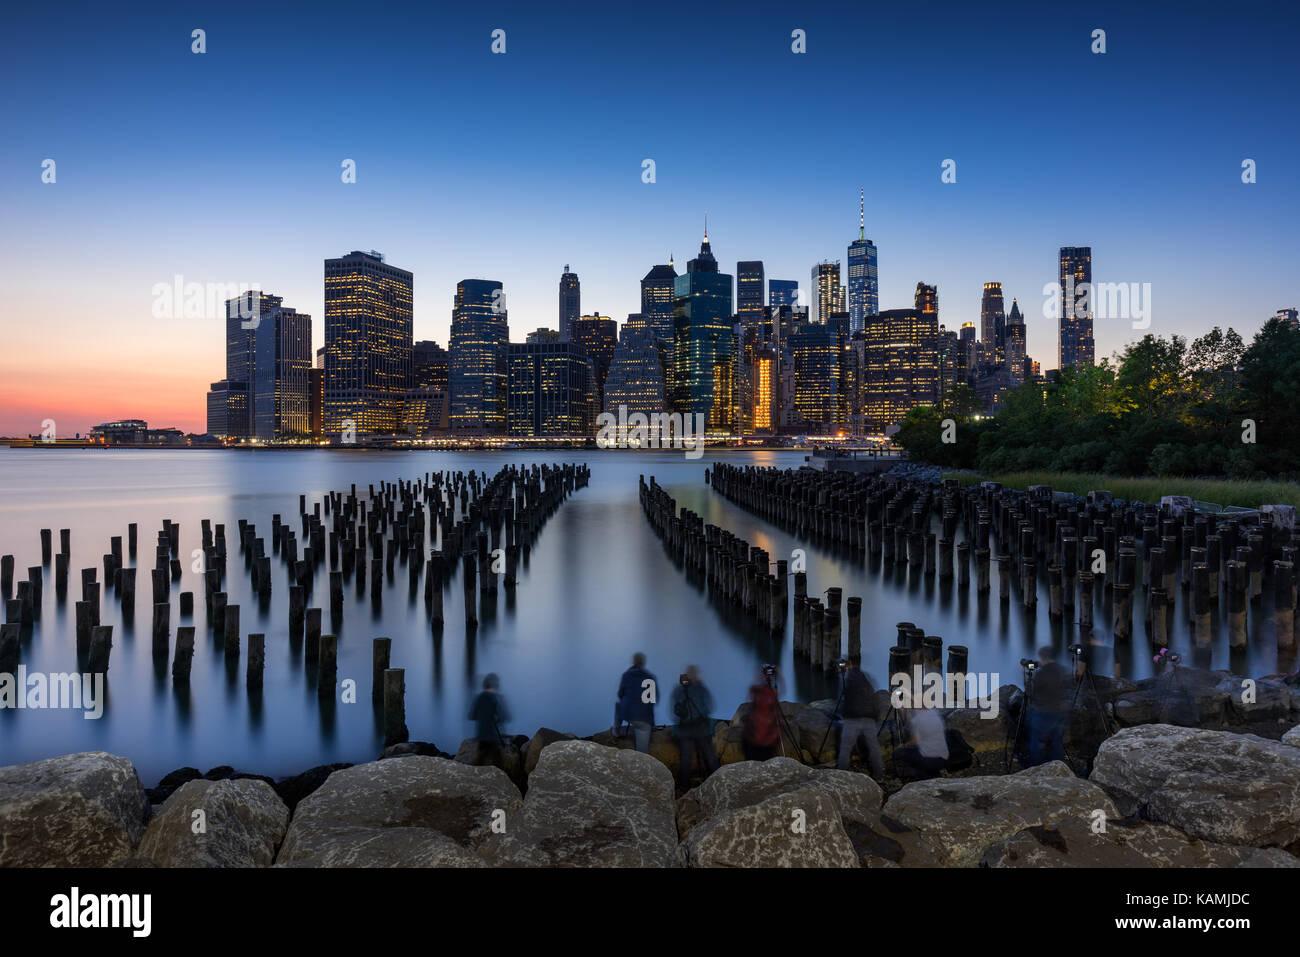 Grattacieli di manhattan al tramonto e palificazioni di for Immagini grattacieli di new york